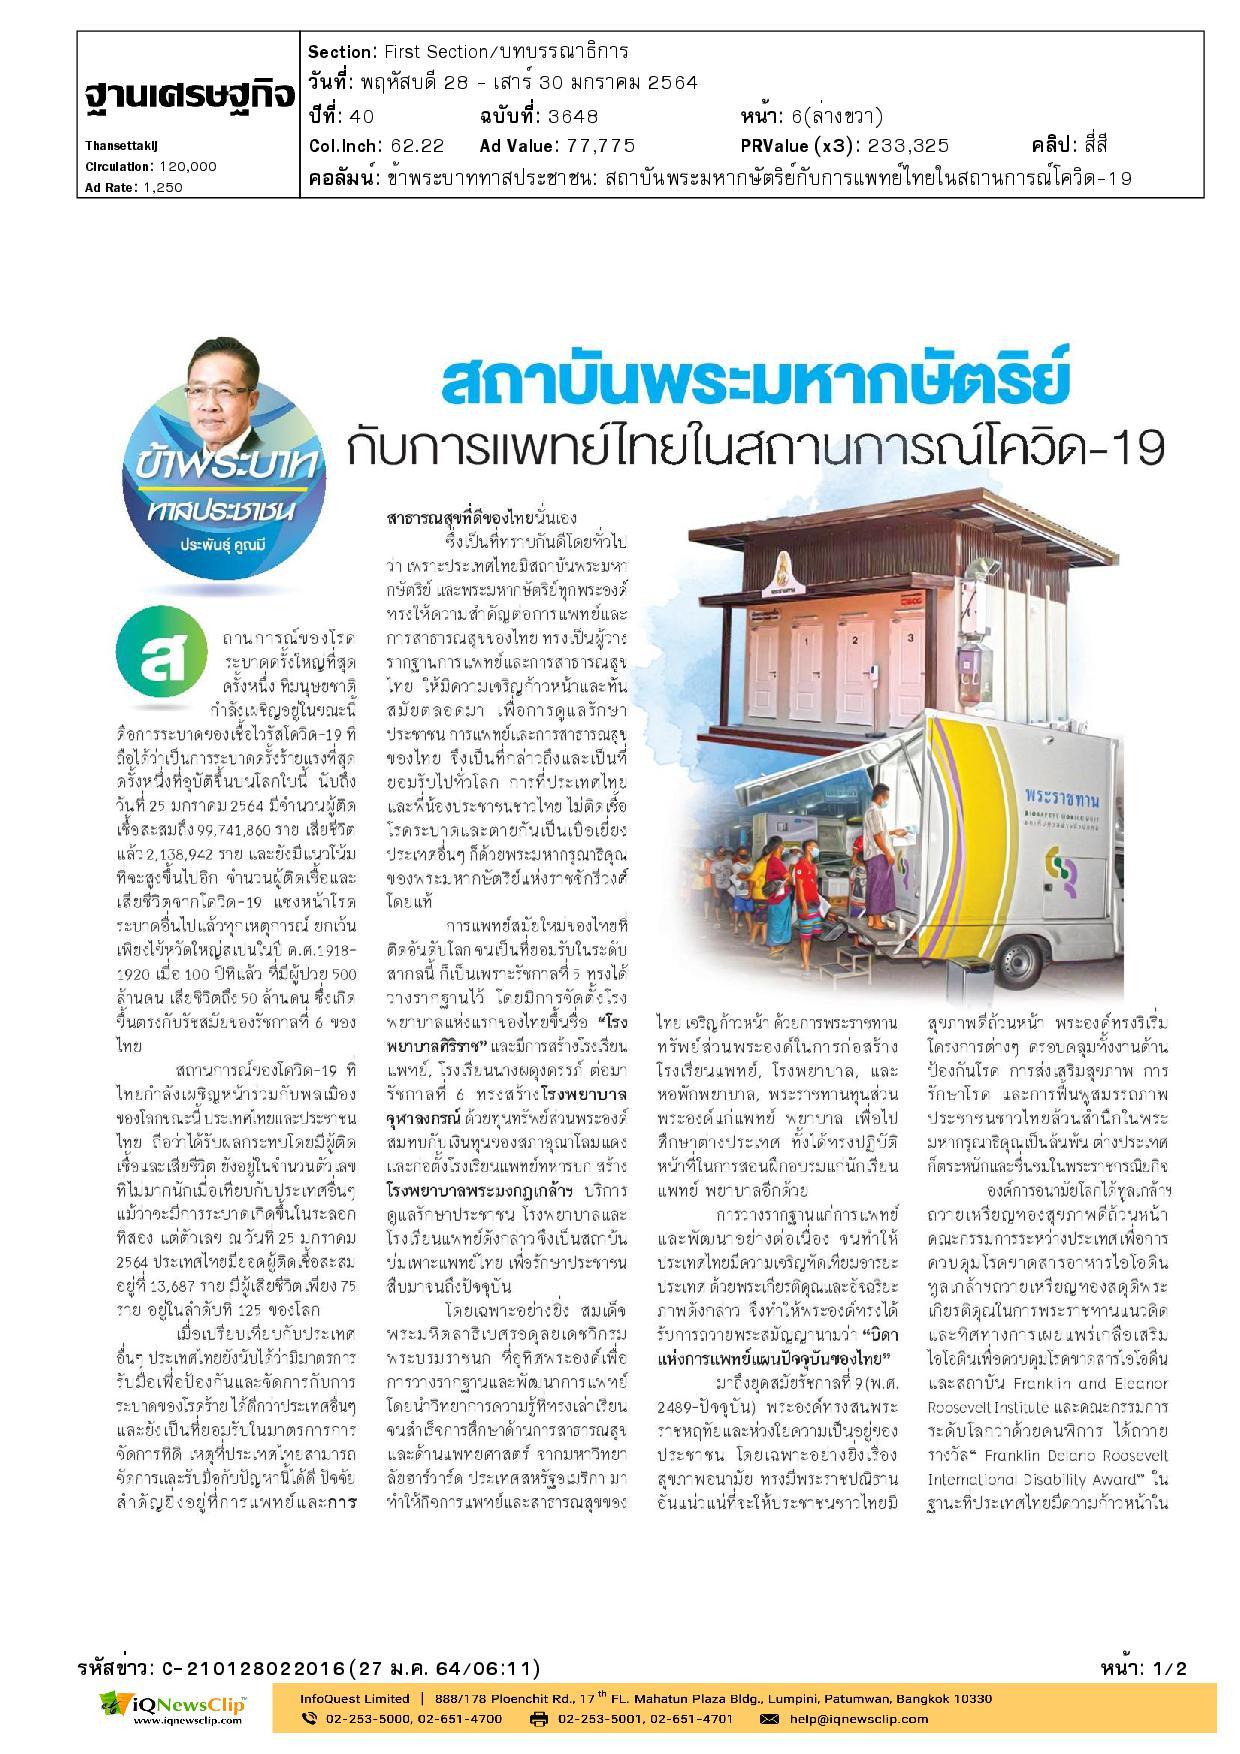 สถาบันพระมหากษัตริย์ กับการแพทย์ไทยในสถานการณ์โควิด-19